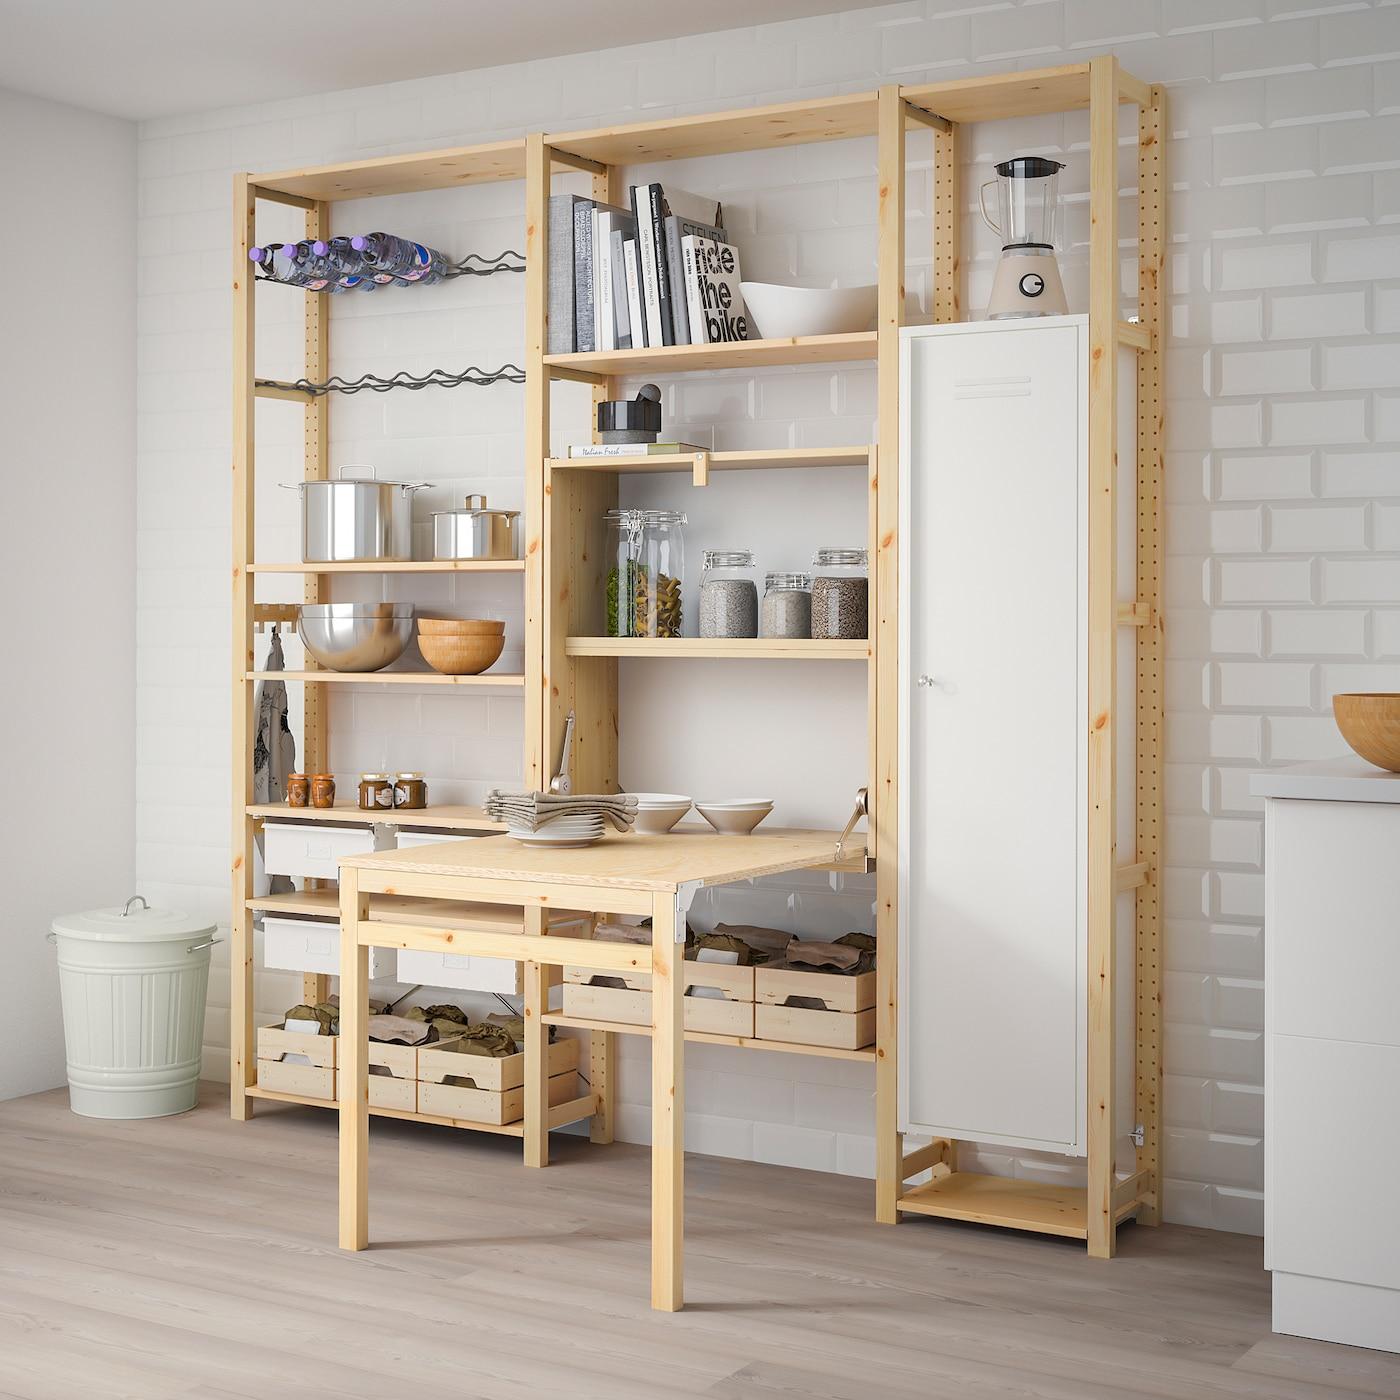 Ikea Ivar Instructions Uk